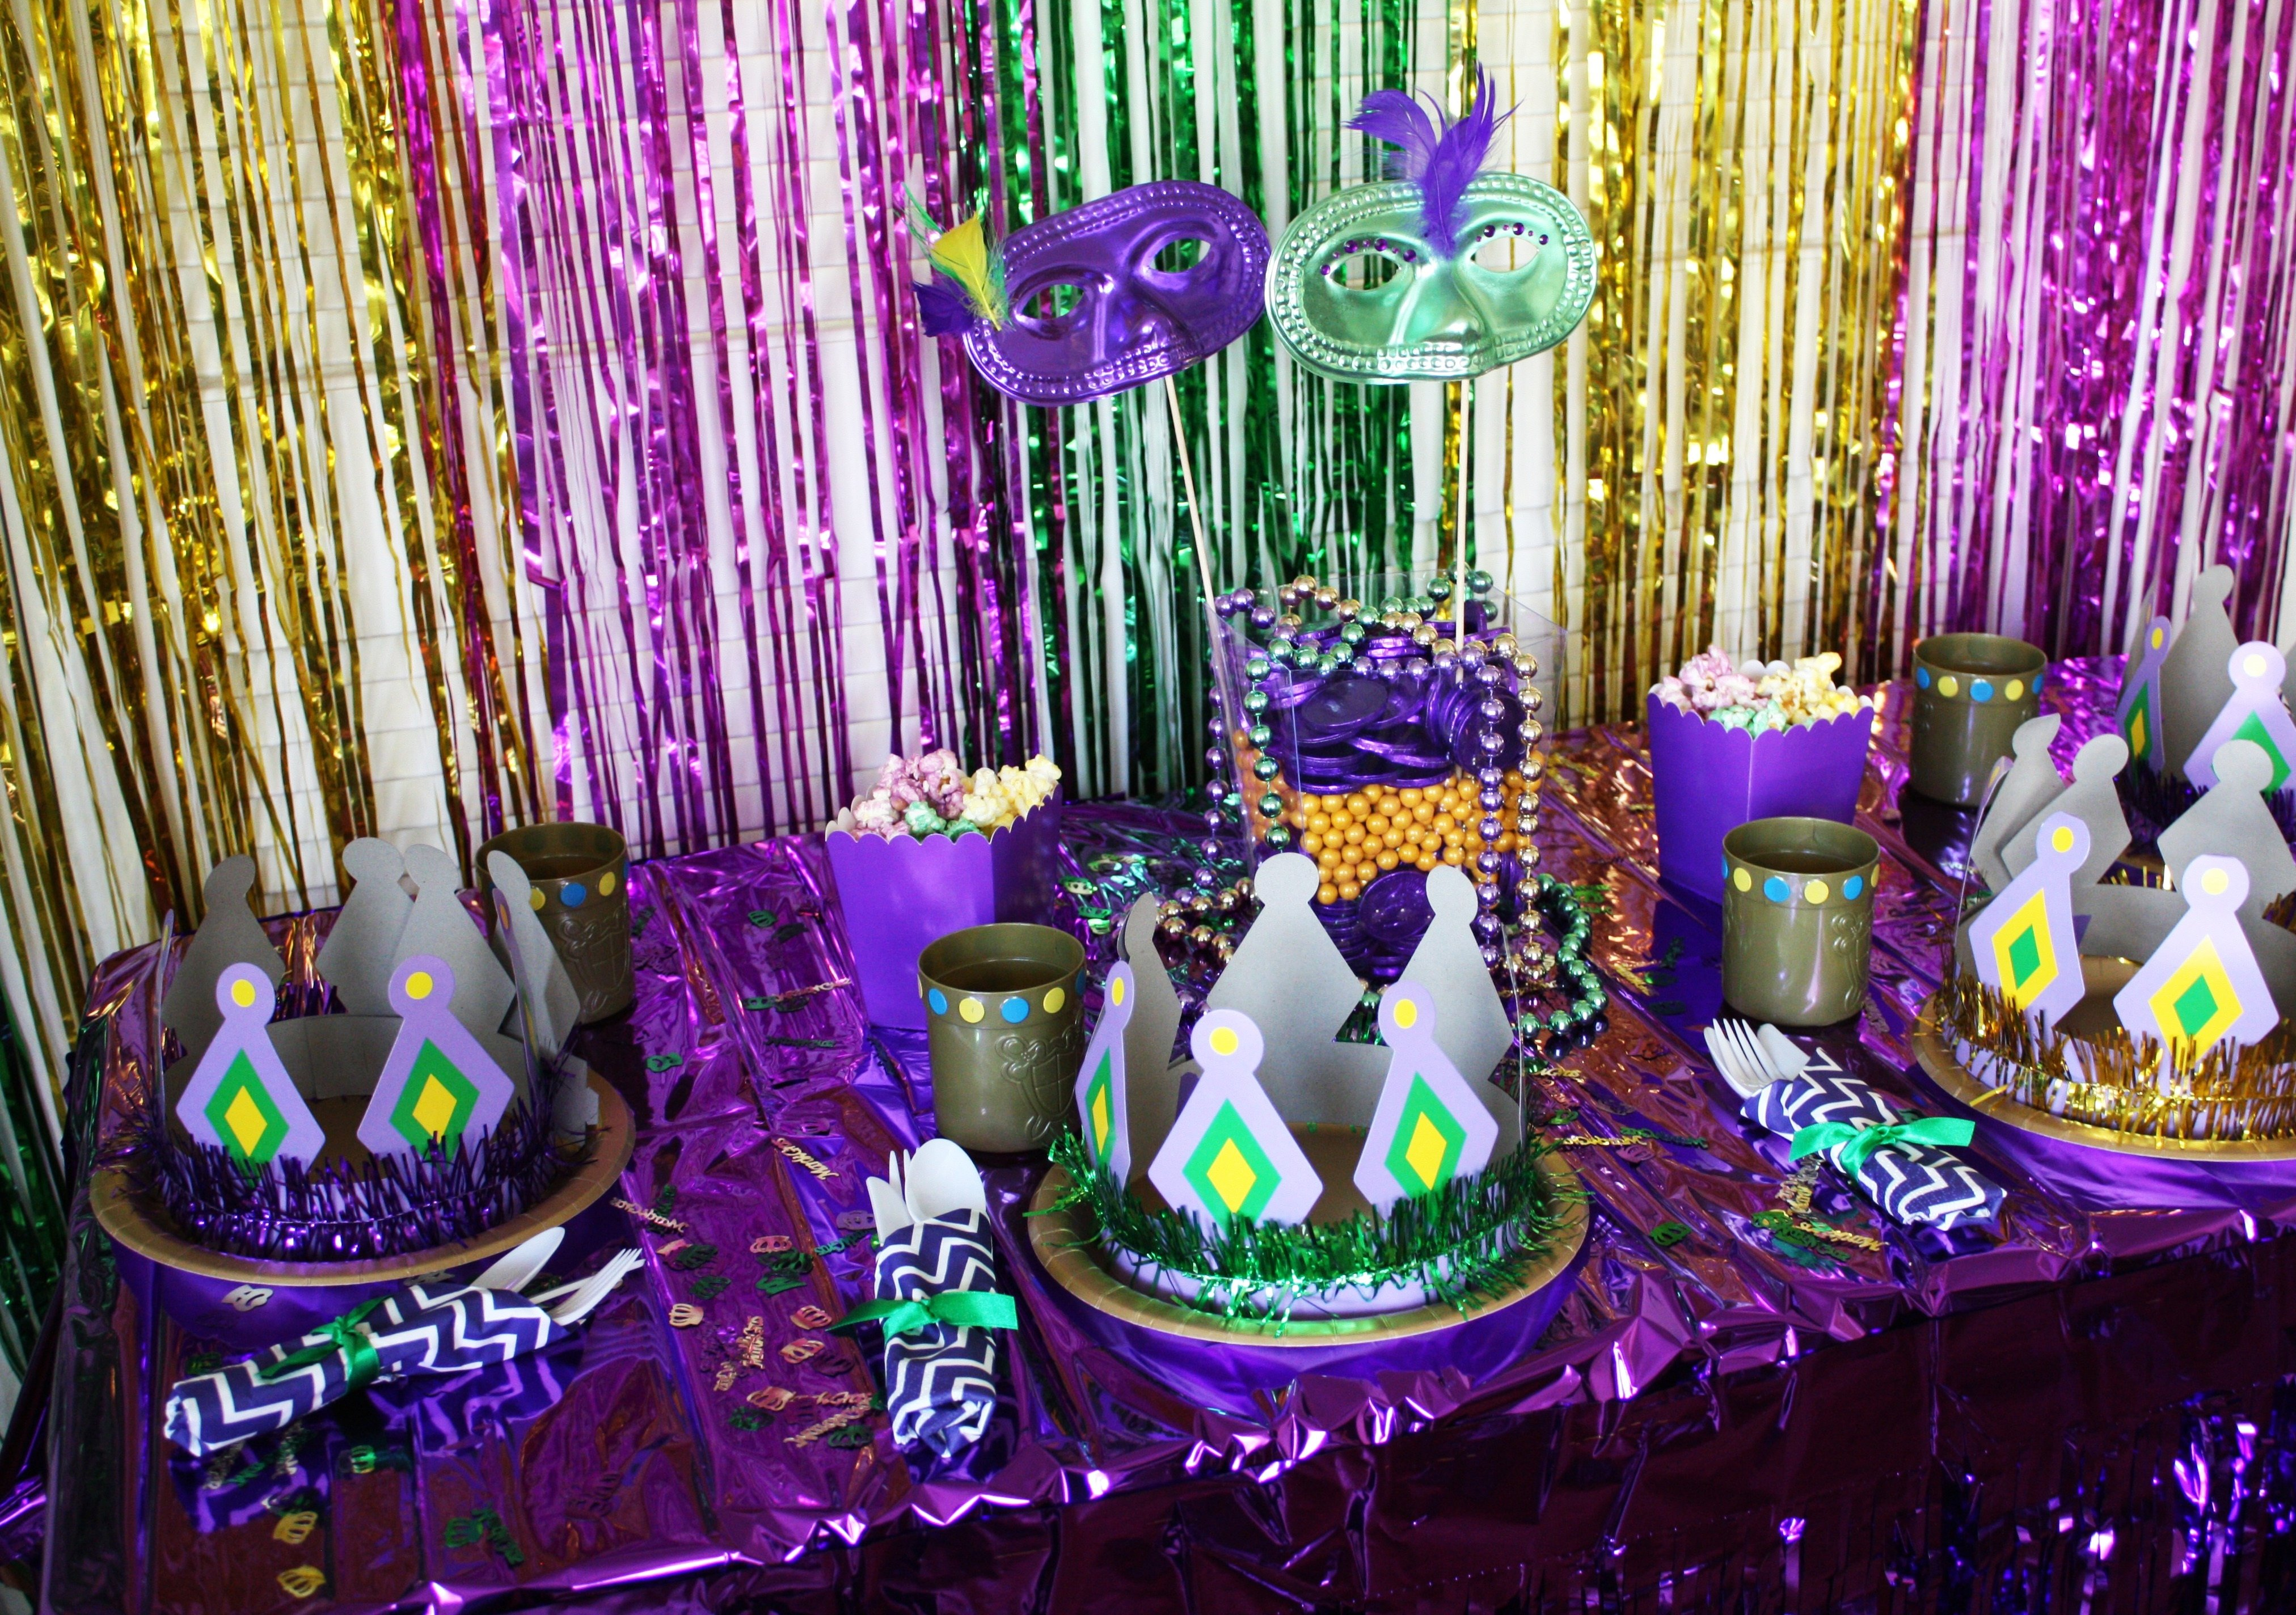 mardi gras party game ideas - wedding